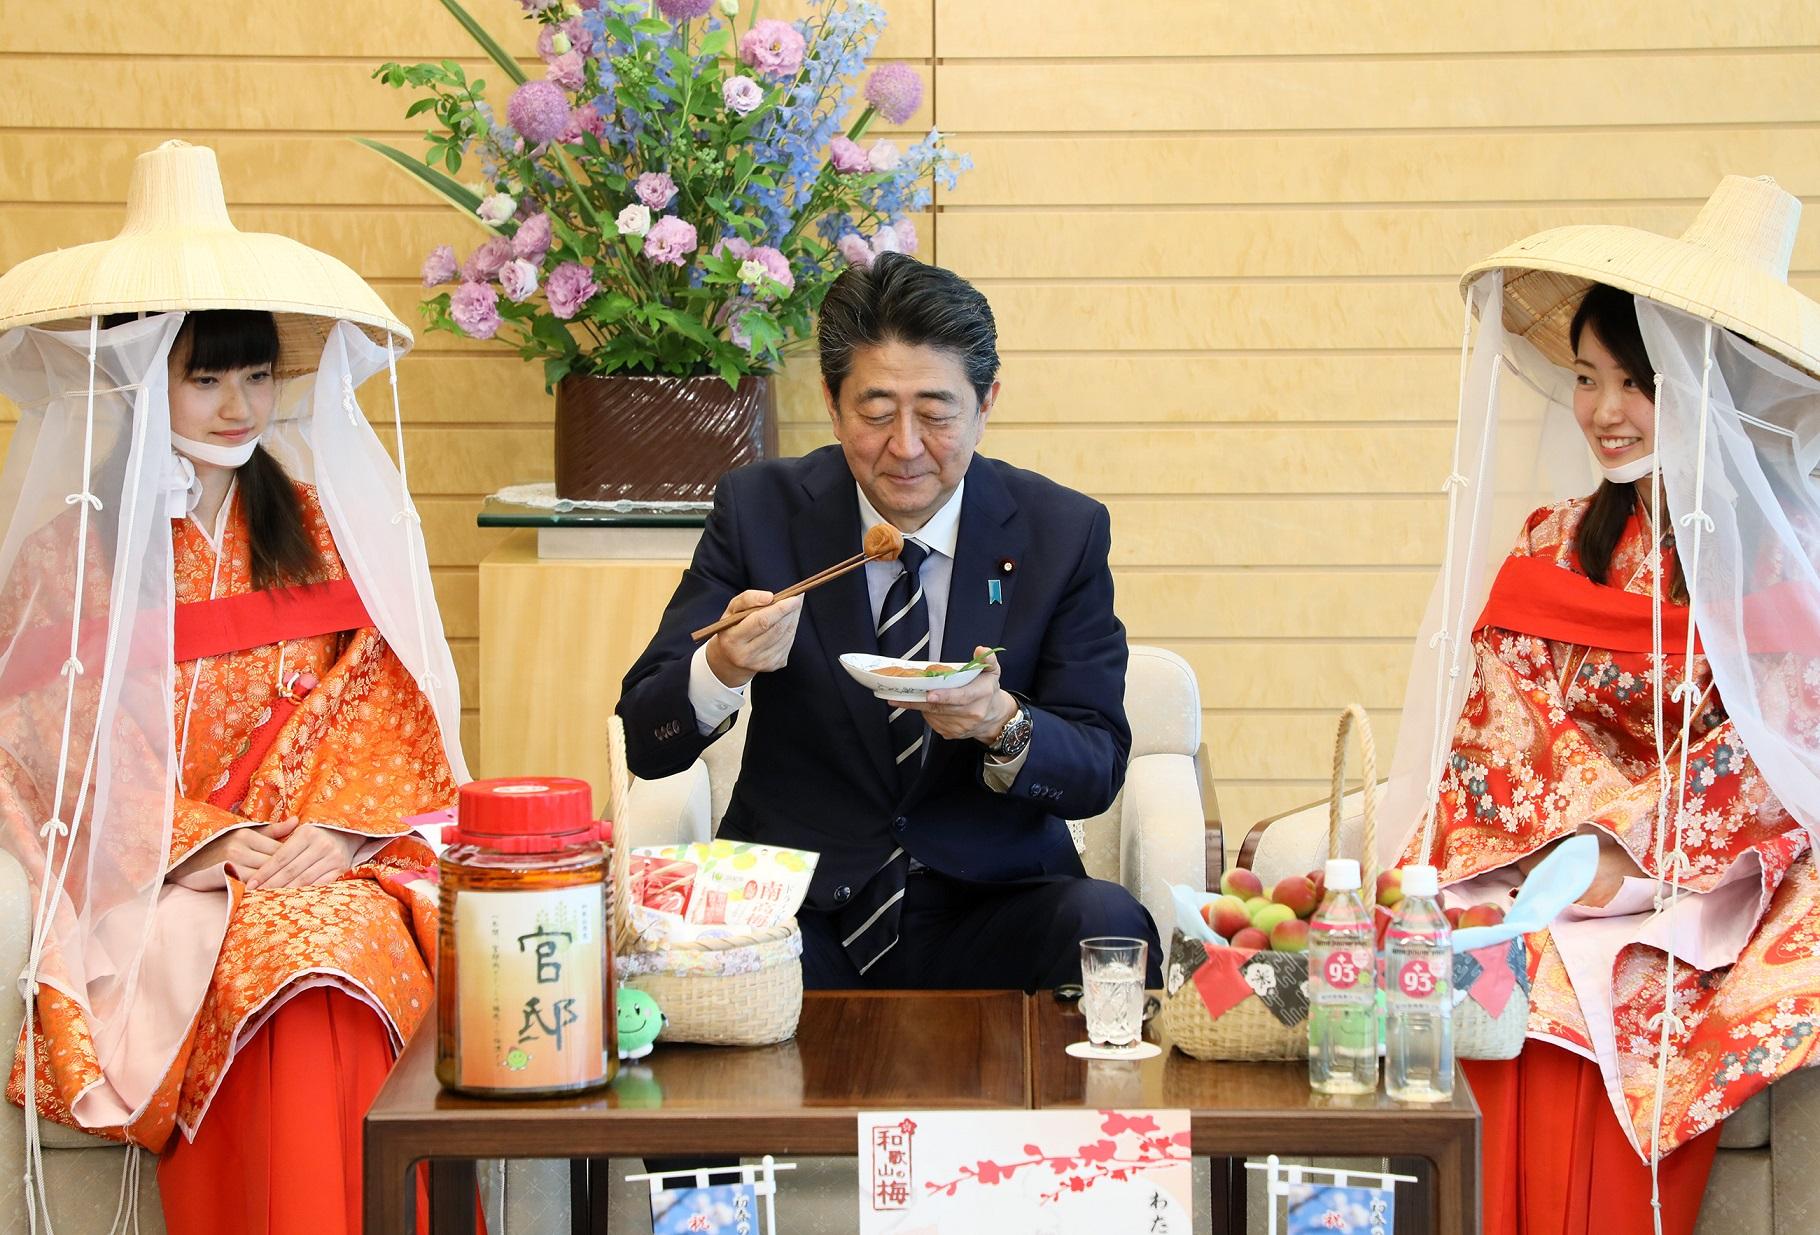 安倍総理は和歌山県田辺市の真砂市長及び紀州梅の会「梅娘」による表敬